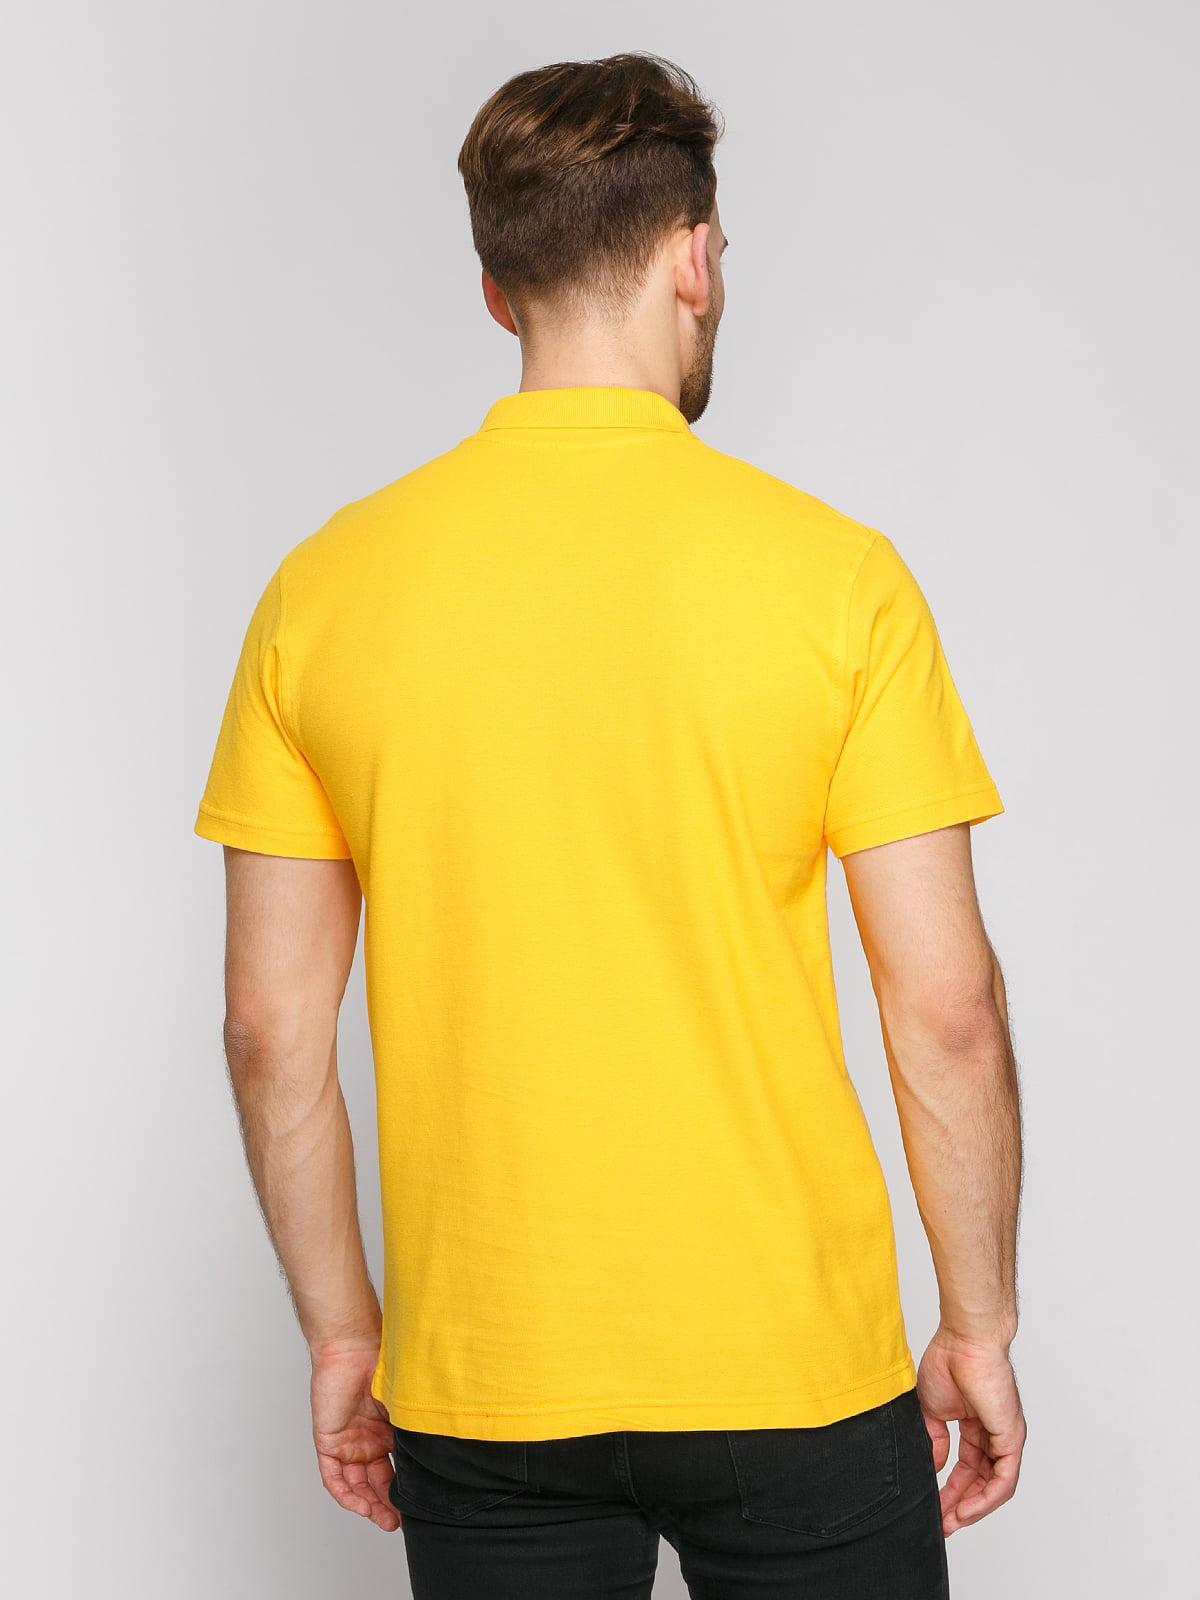 Футболка-поло желтая | 4812196 | фото 2